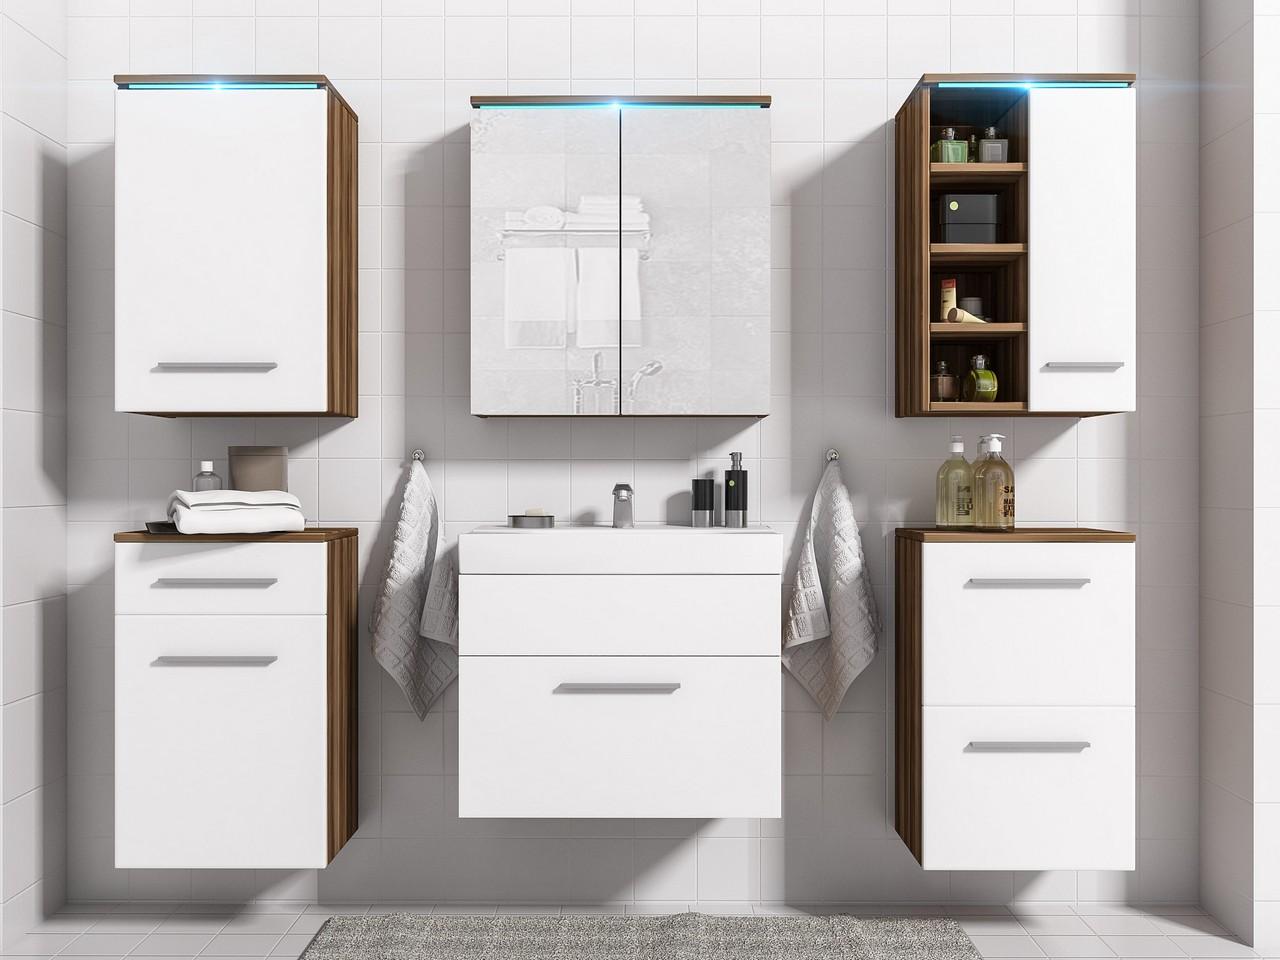 Nábytok do kúpeľne MEGI 3 Slivka / Biely mat